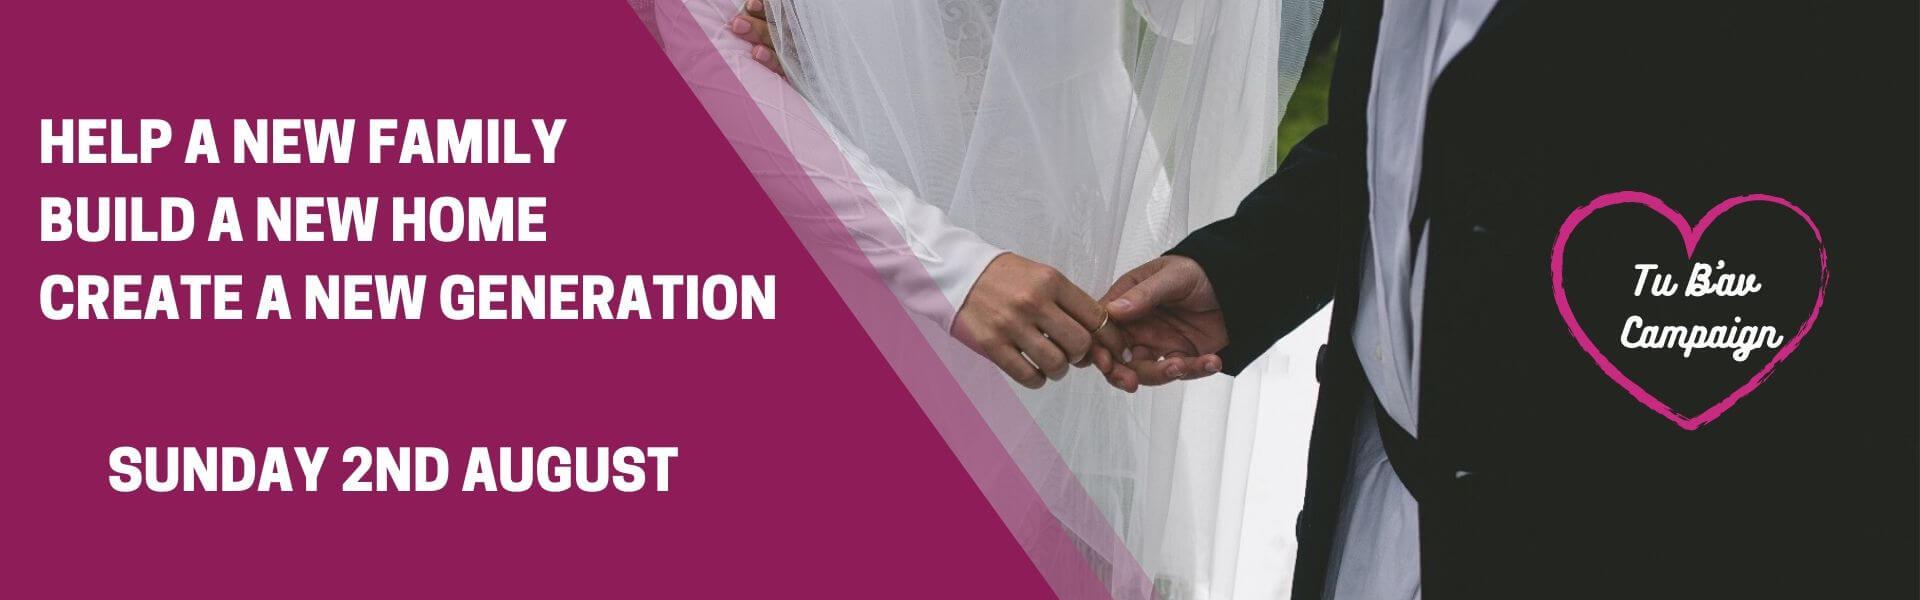 jewish wedding fund